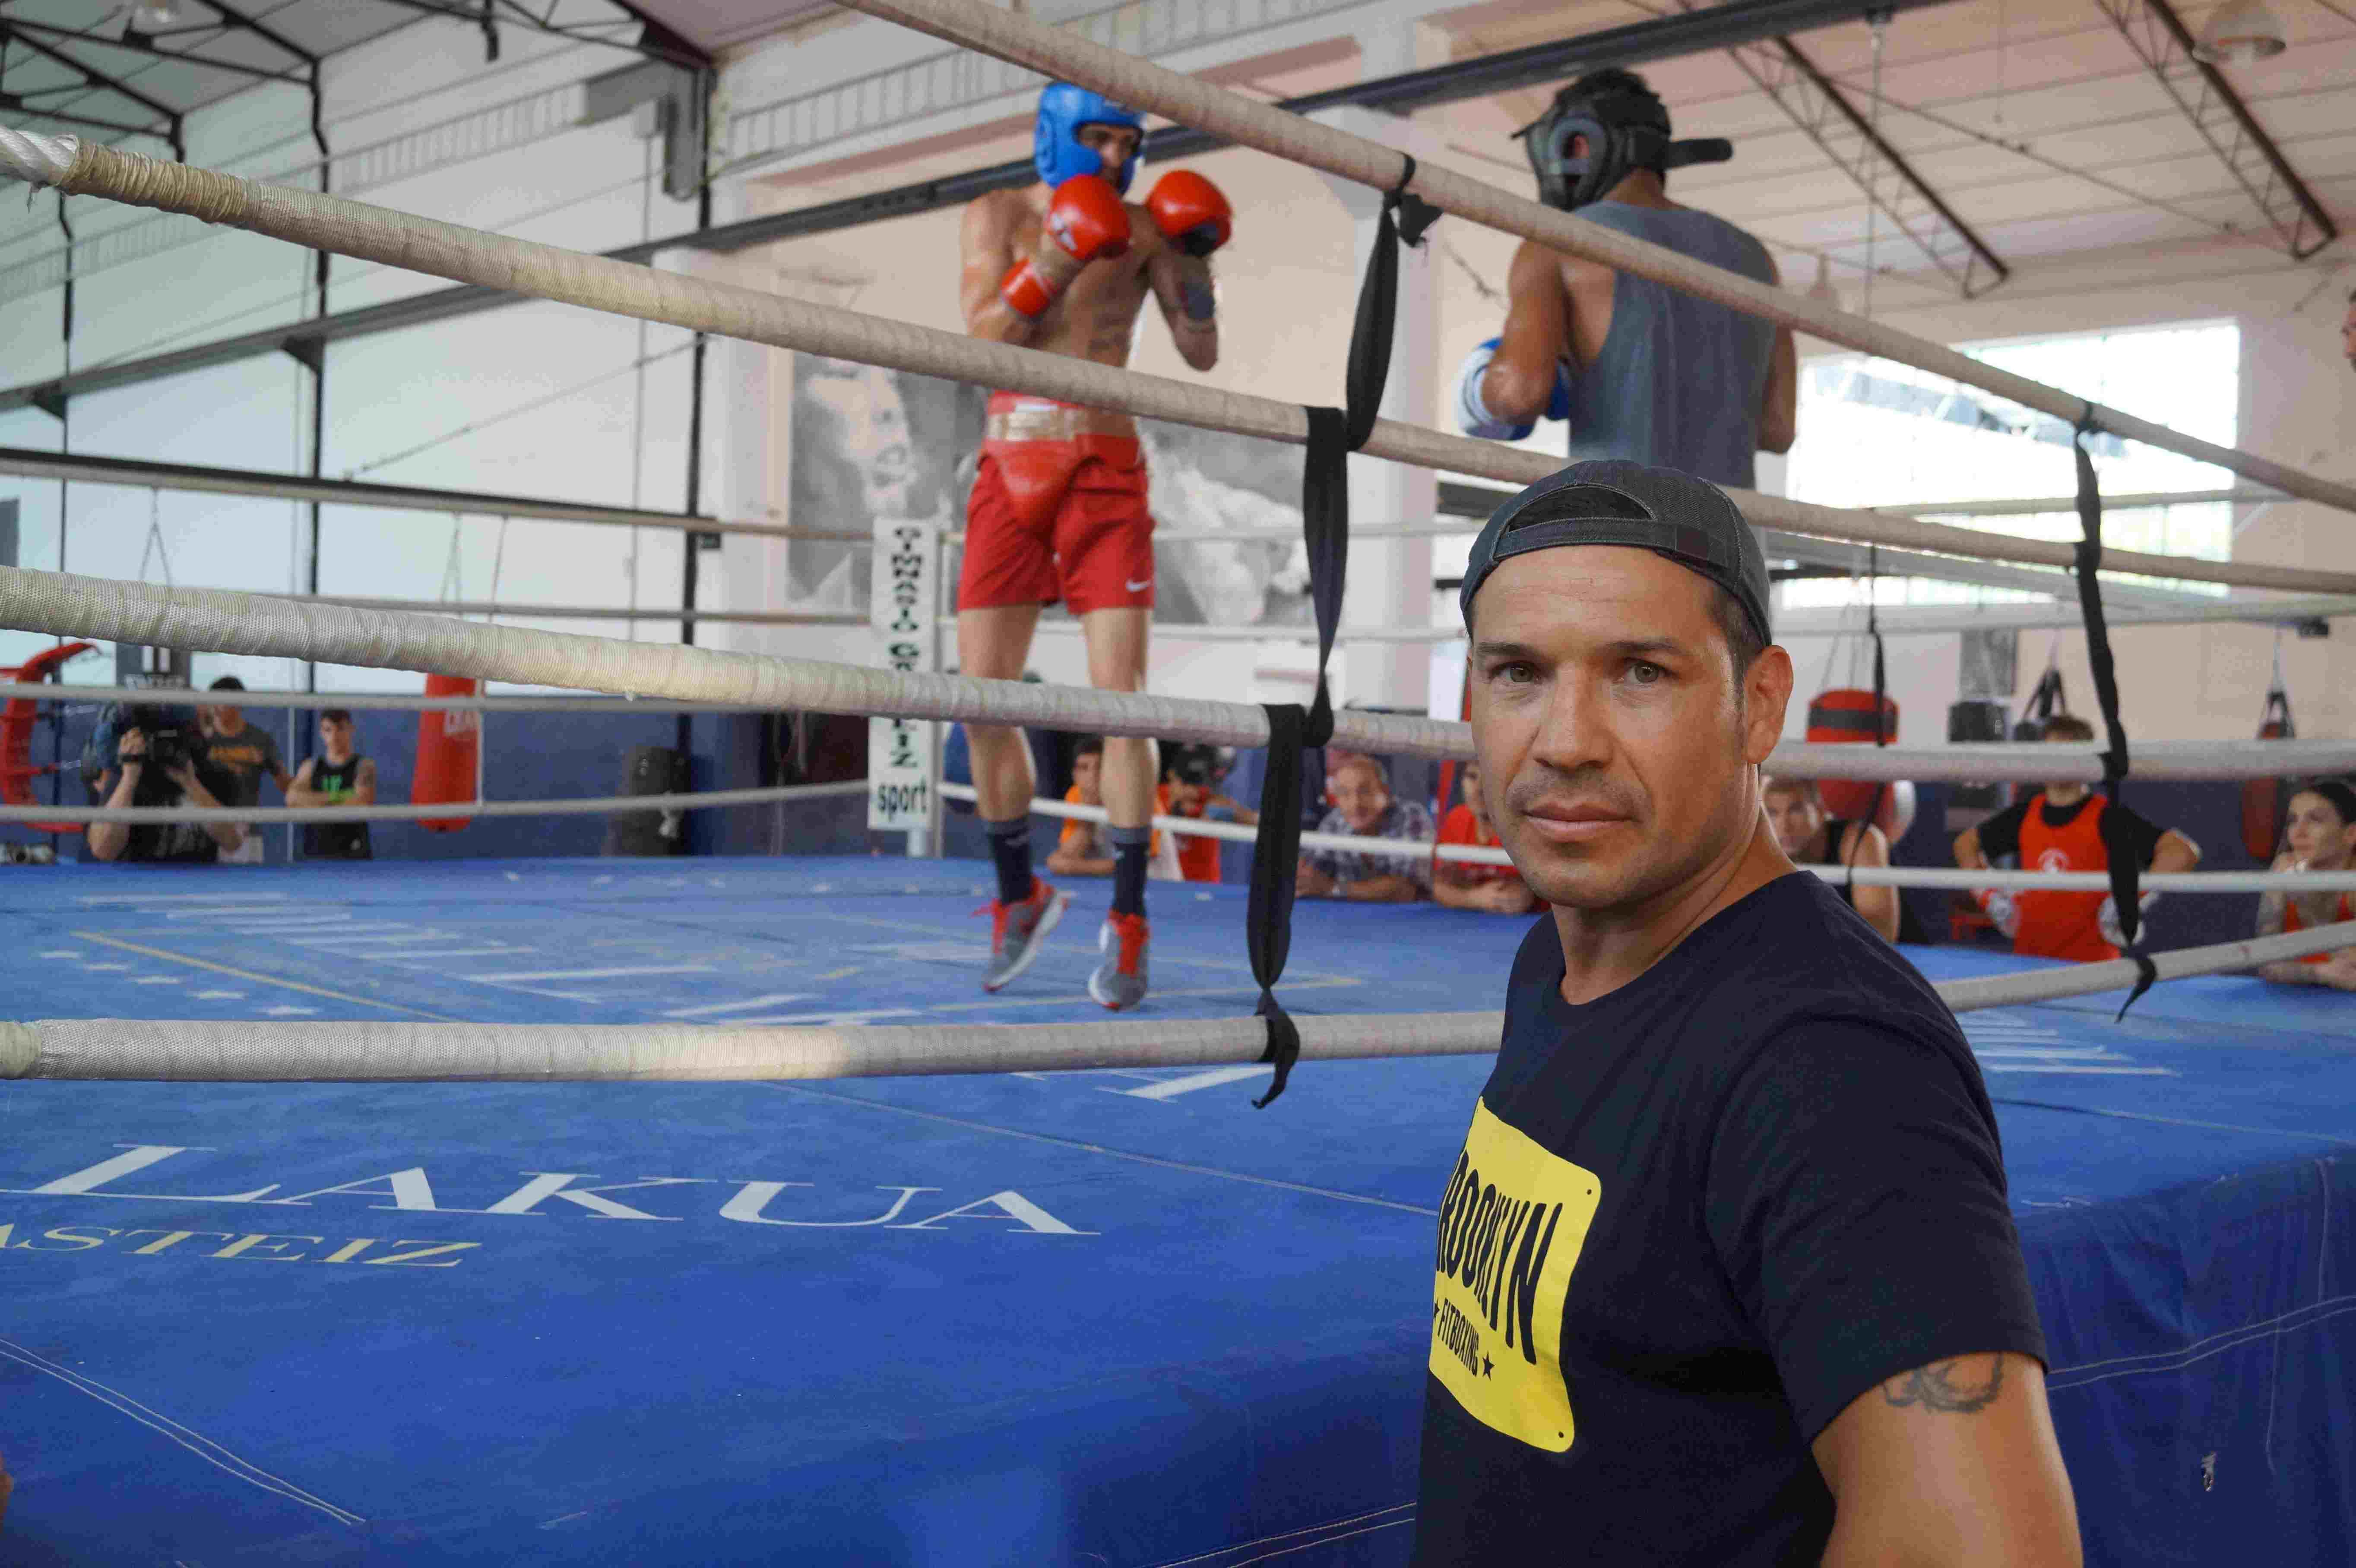 Sergio Martínez, varias veces campeón del mundo superwélter y medio, siguió el guanteo del boxeador de Etxebarri (Bizkaia) Jon fernández en el Gimnasio gasteiz Sport de Vitoria